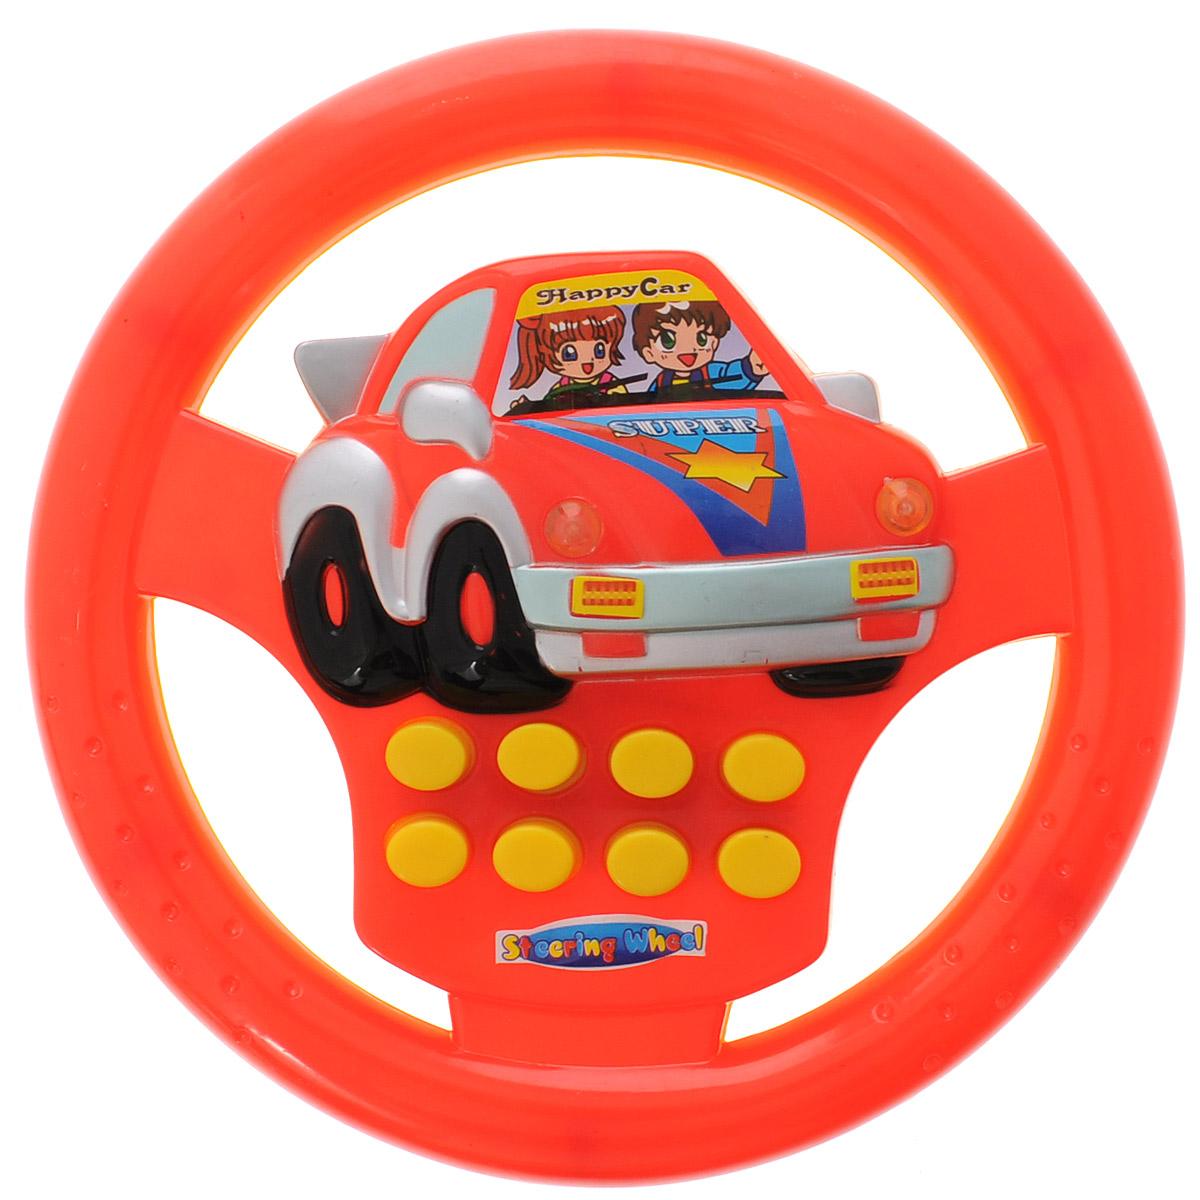 Junfa Toys Развивающая игрушка Руль цвет красный желтый748C_красный, желтыйРазвивающая игрушка Junfa Toys Руль надолго займет внимание вашего ребенка. Она выполнена из безопасного пластика в виде руля автомобиля. На руле расположены 8 кнопок, которые активирует различные световые и звуковые эффекты, например, клаксон, шум мотора. Развивающая игрушка Руль способствует развитию цветового и звукового восприятий, внимания, воображения, сообразительности, памяти, координации движений и мелкой моторики рук. Для работы игрушки необходимы 2 батарейки типа АА (не входят в комплект).